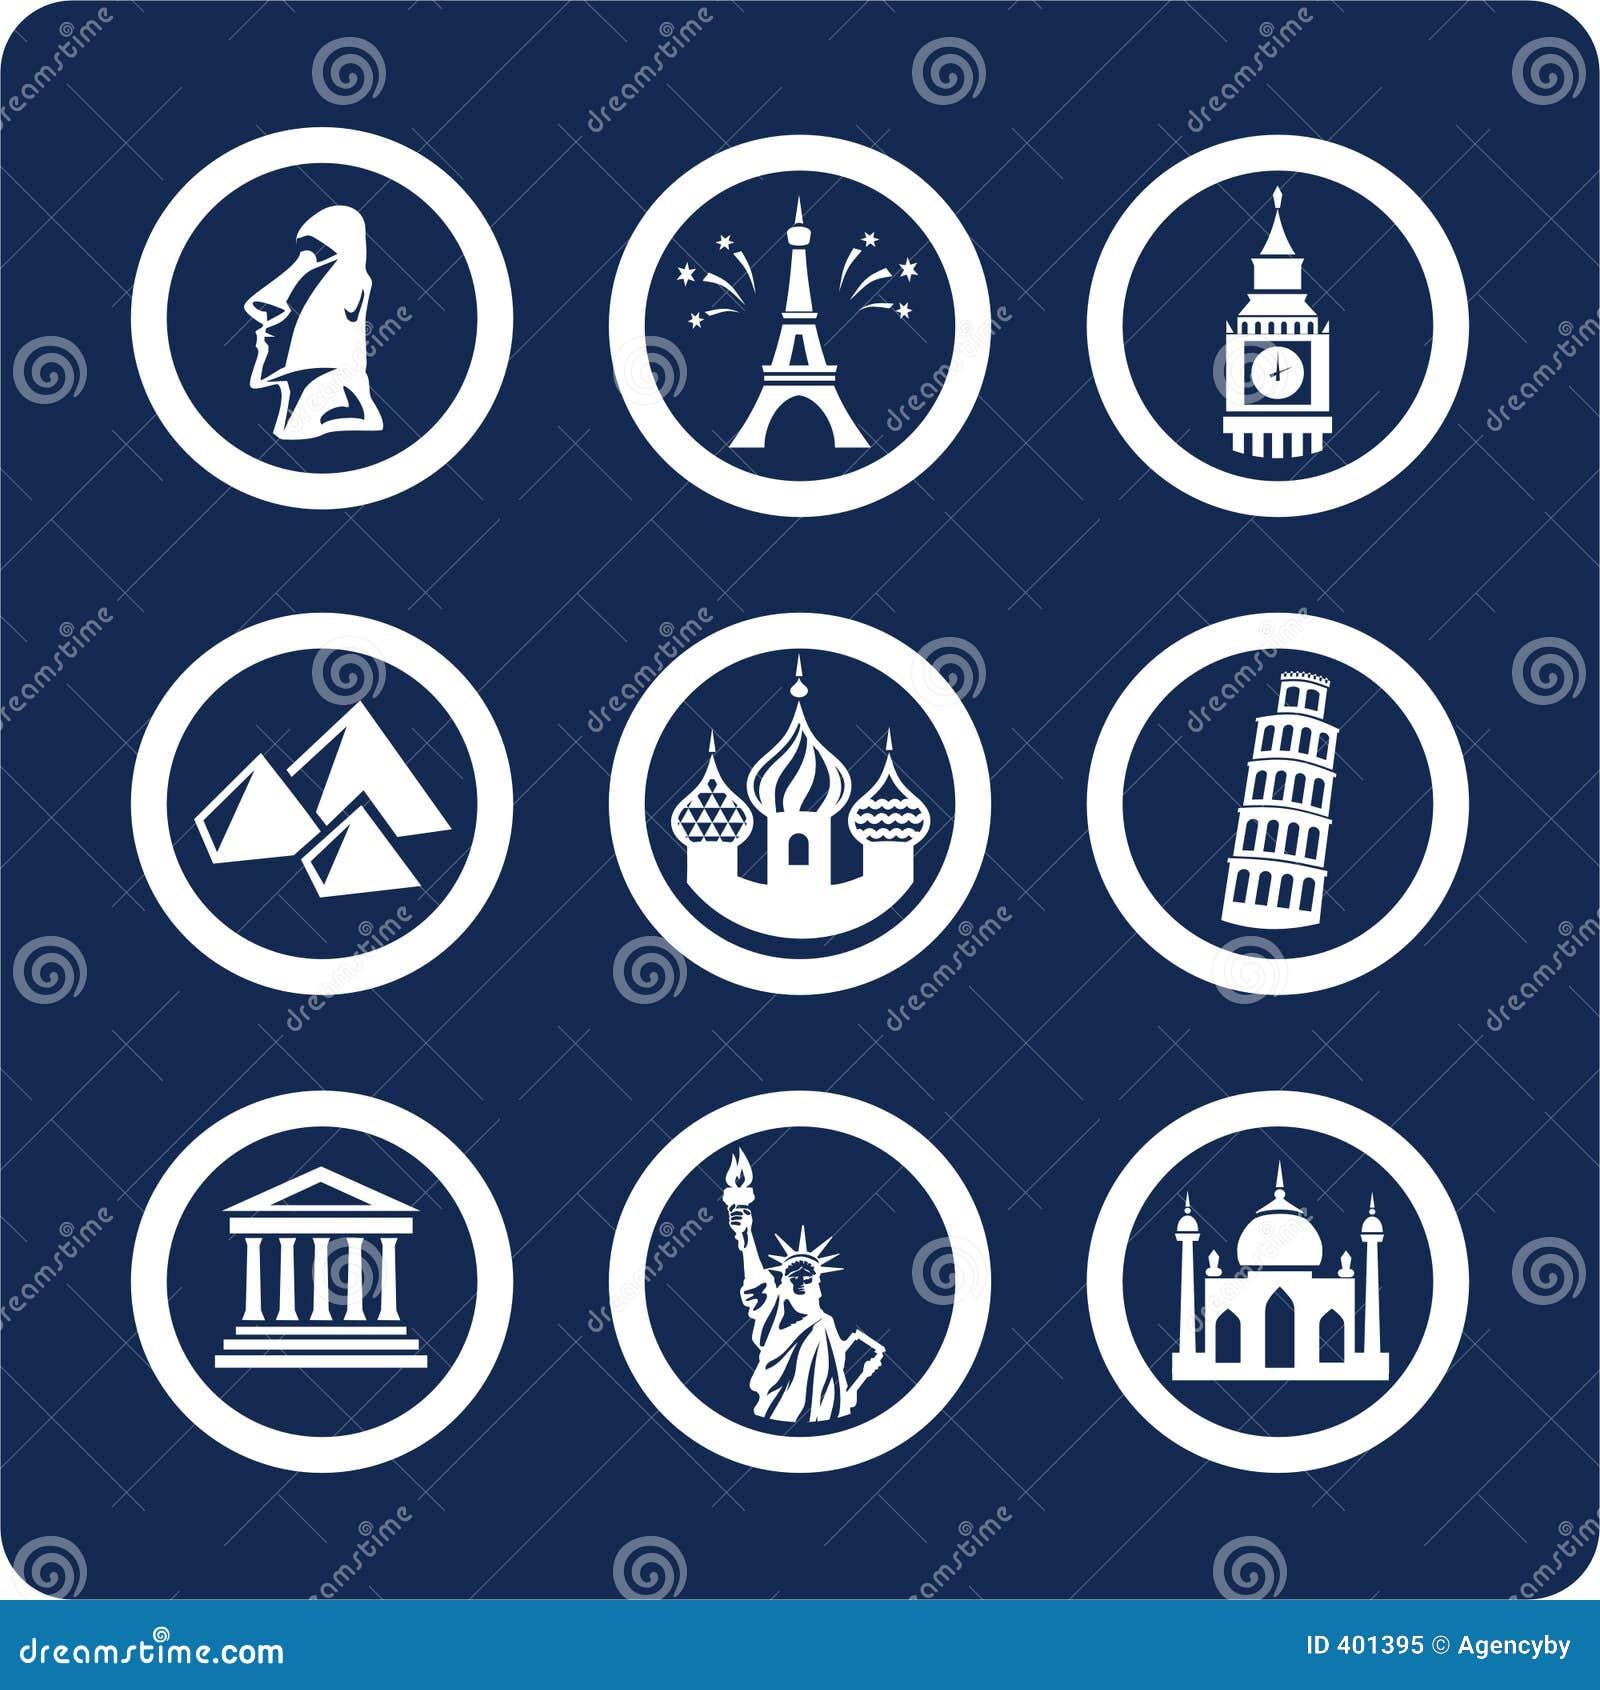 World Famous Places icons (set 7, part 1)